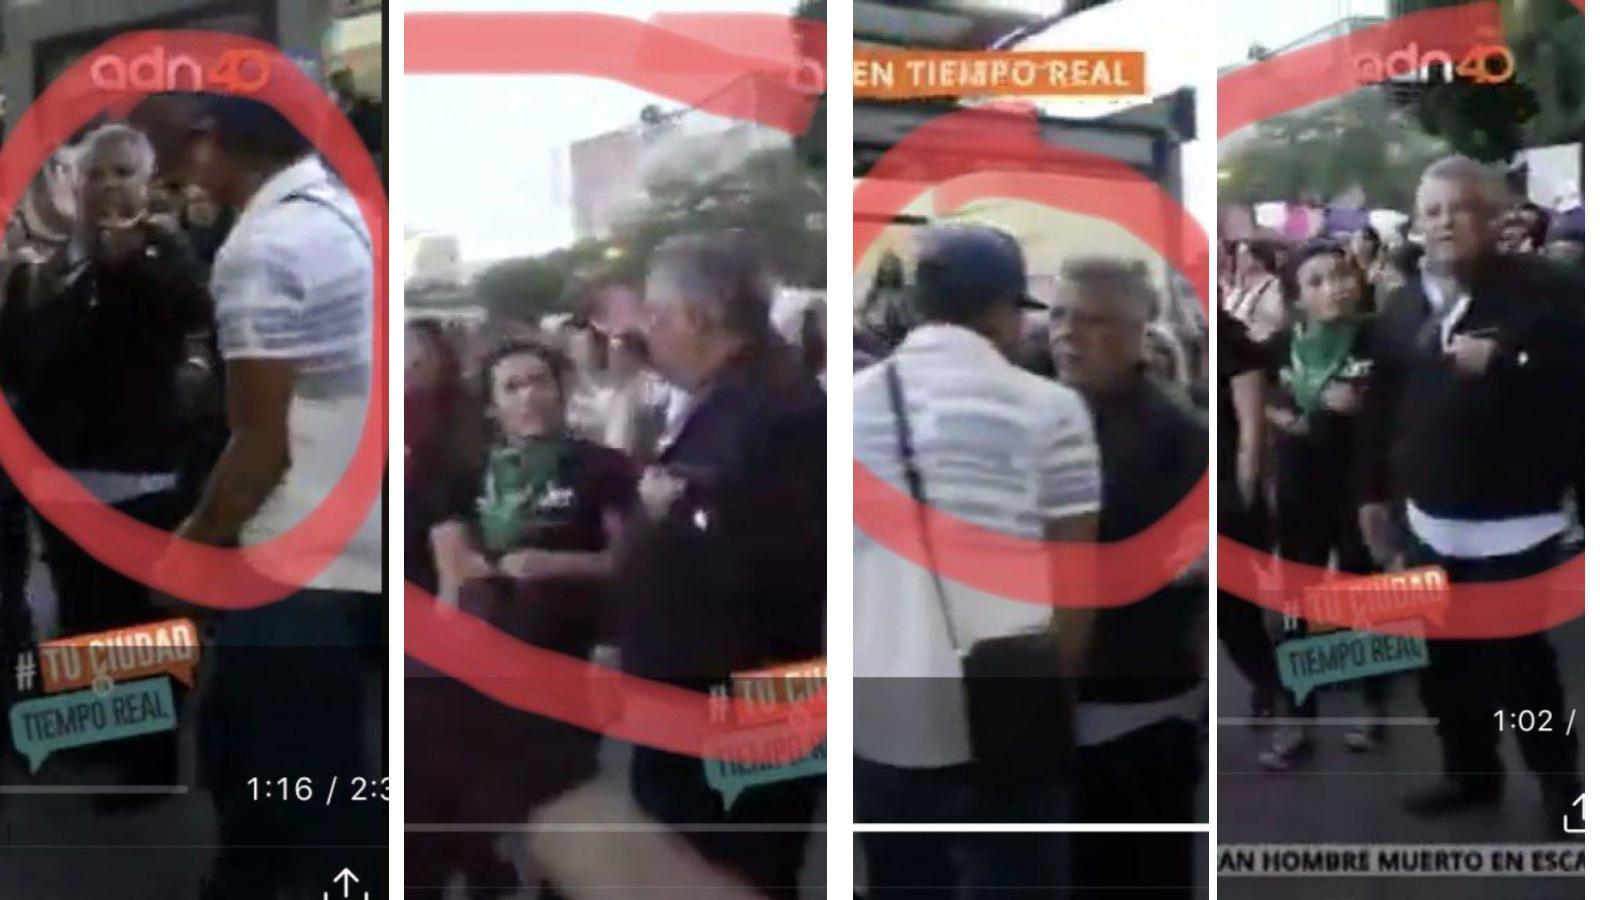 Marcha feminista golpea a reportero en vivo